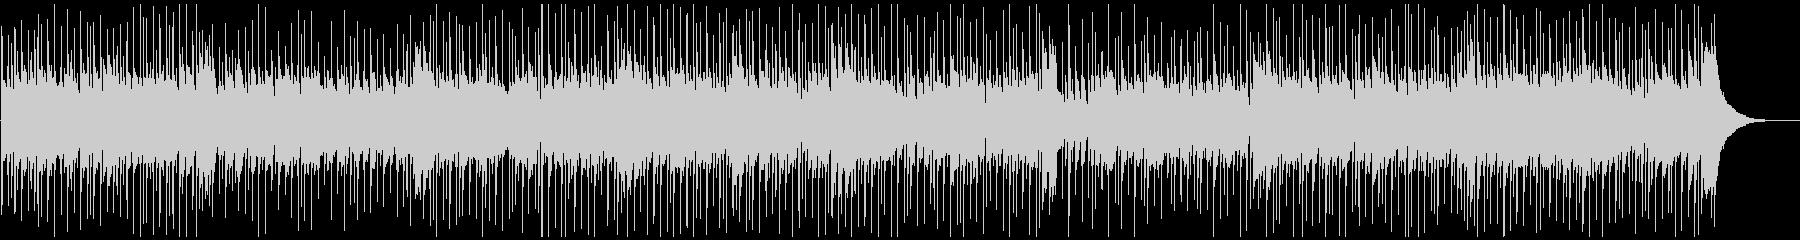 ほのぼのカントリーバラードの未再生の波形